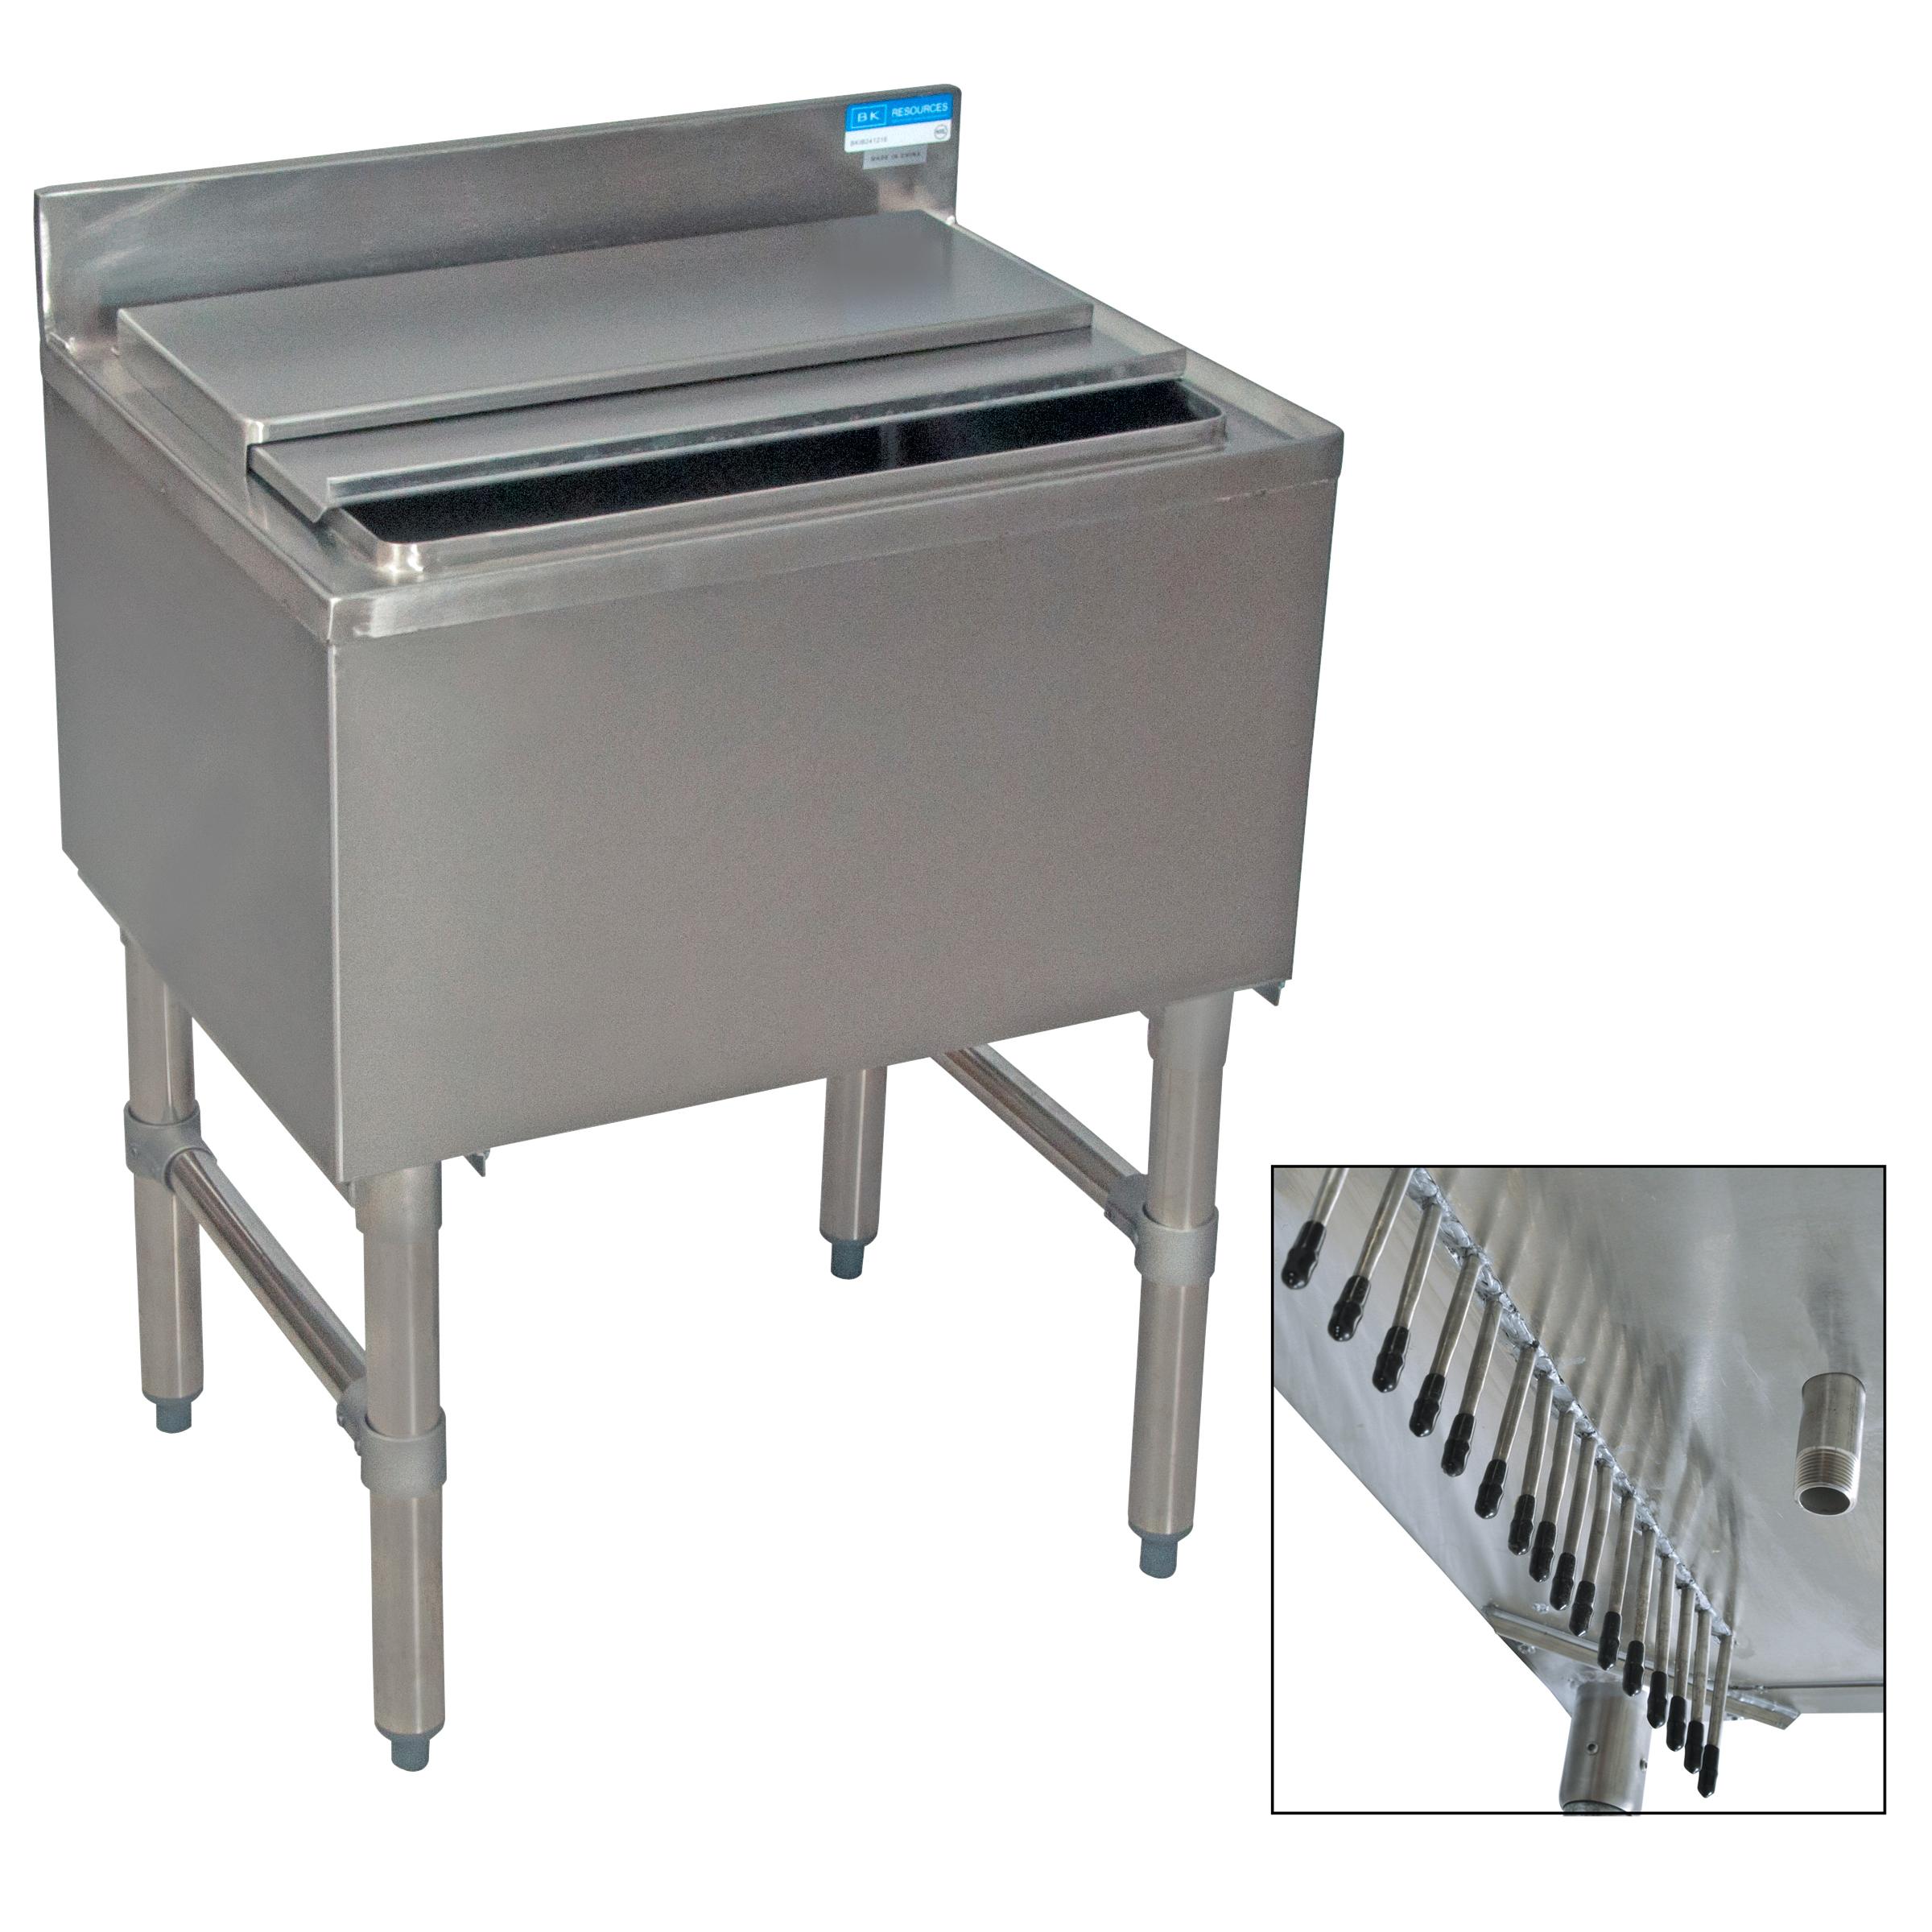 BK Resources BKIB-CP10-3612-21S underbar ice bin/cocktail unit